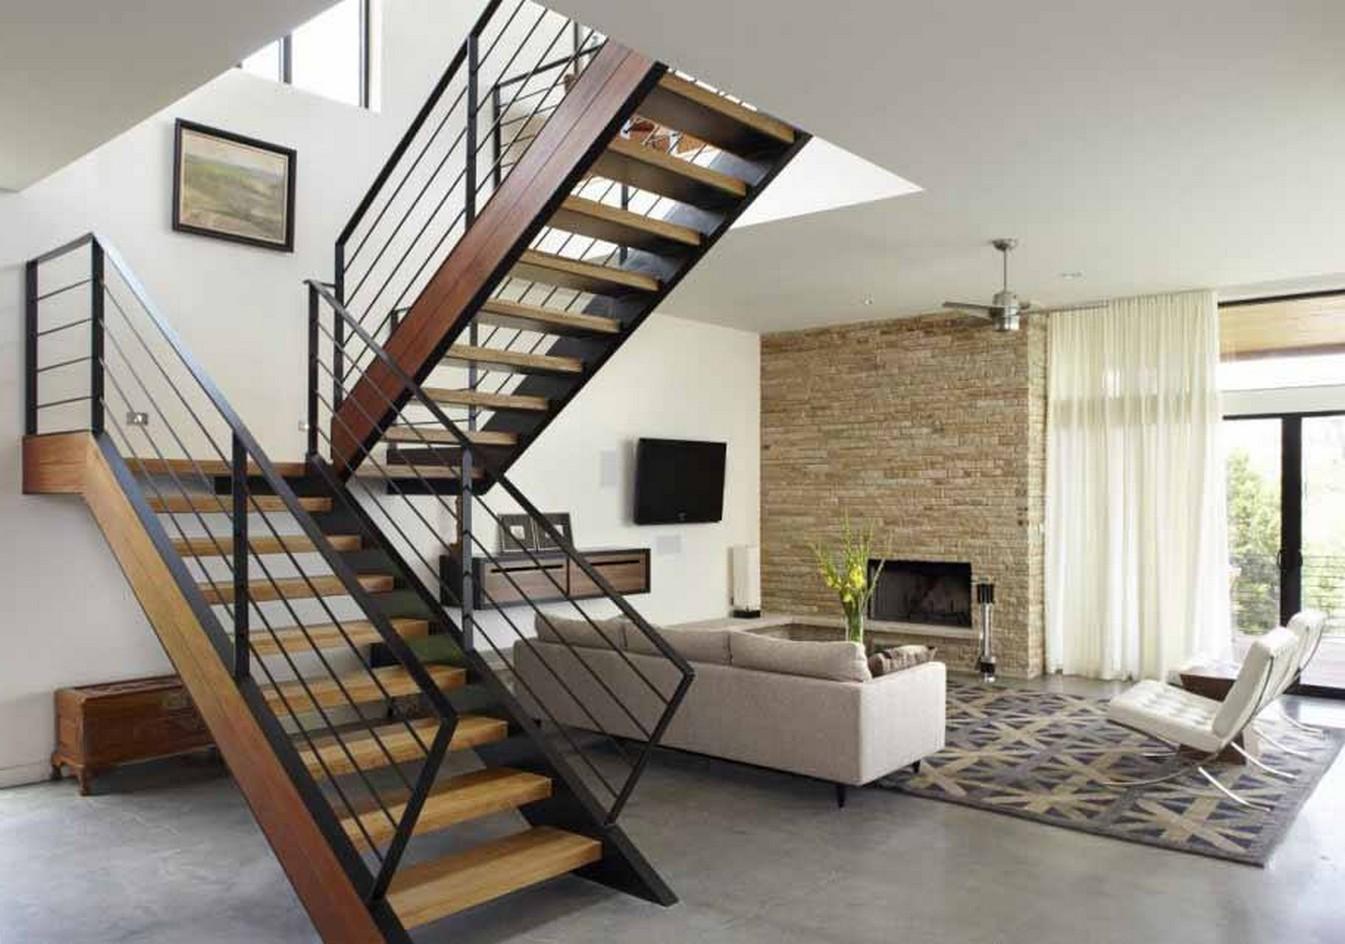 pemahaman midcentury modern » Ciptakan Kesan Klasik dan Elegan dengan Desain Interior Rumah Bergaya Vintage